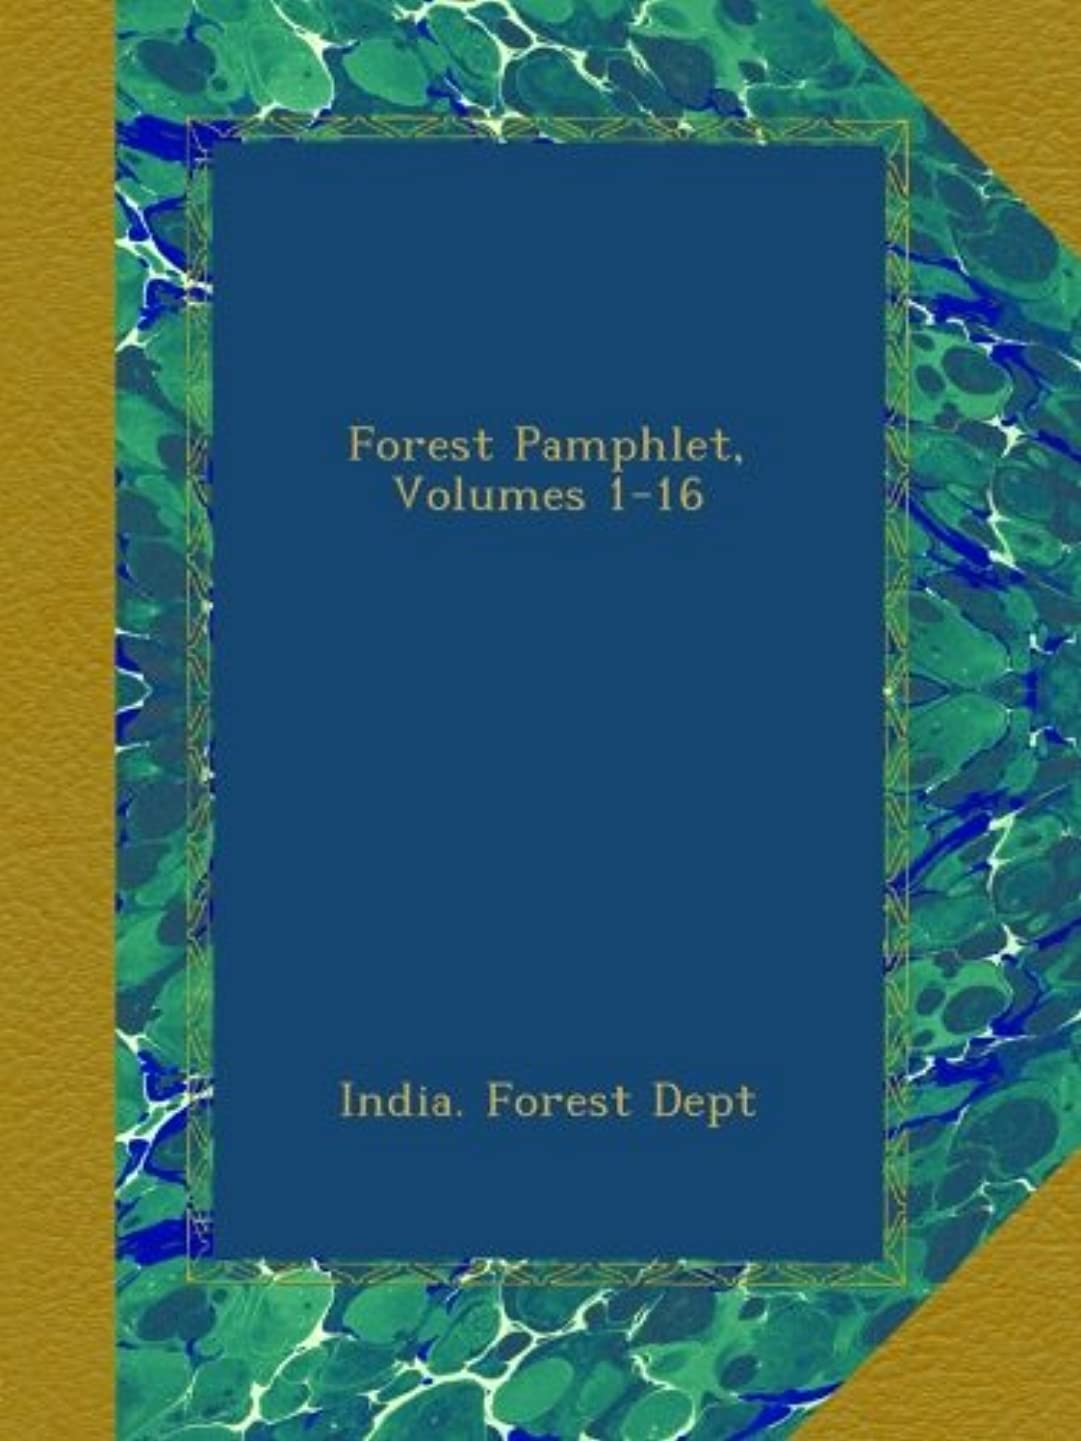 トースト結婚する絶え間ないForest Pamphlet, Volumes 1-16